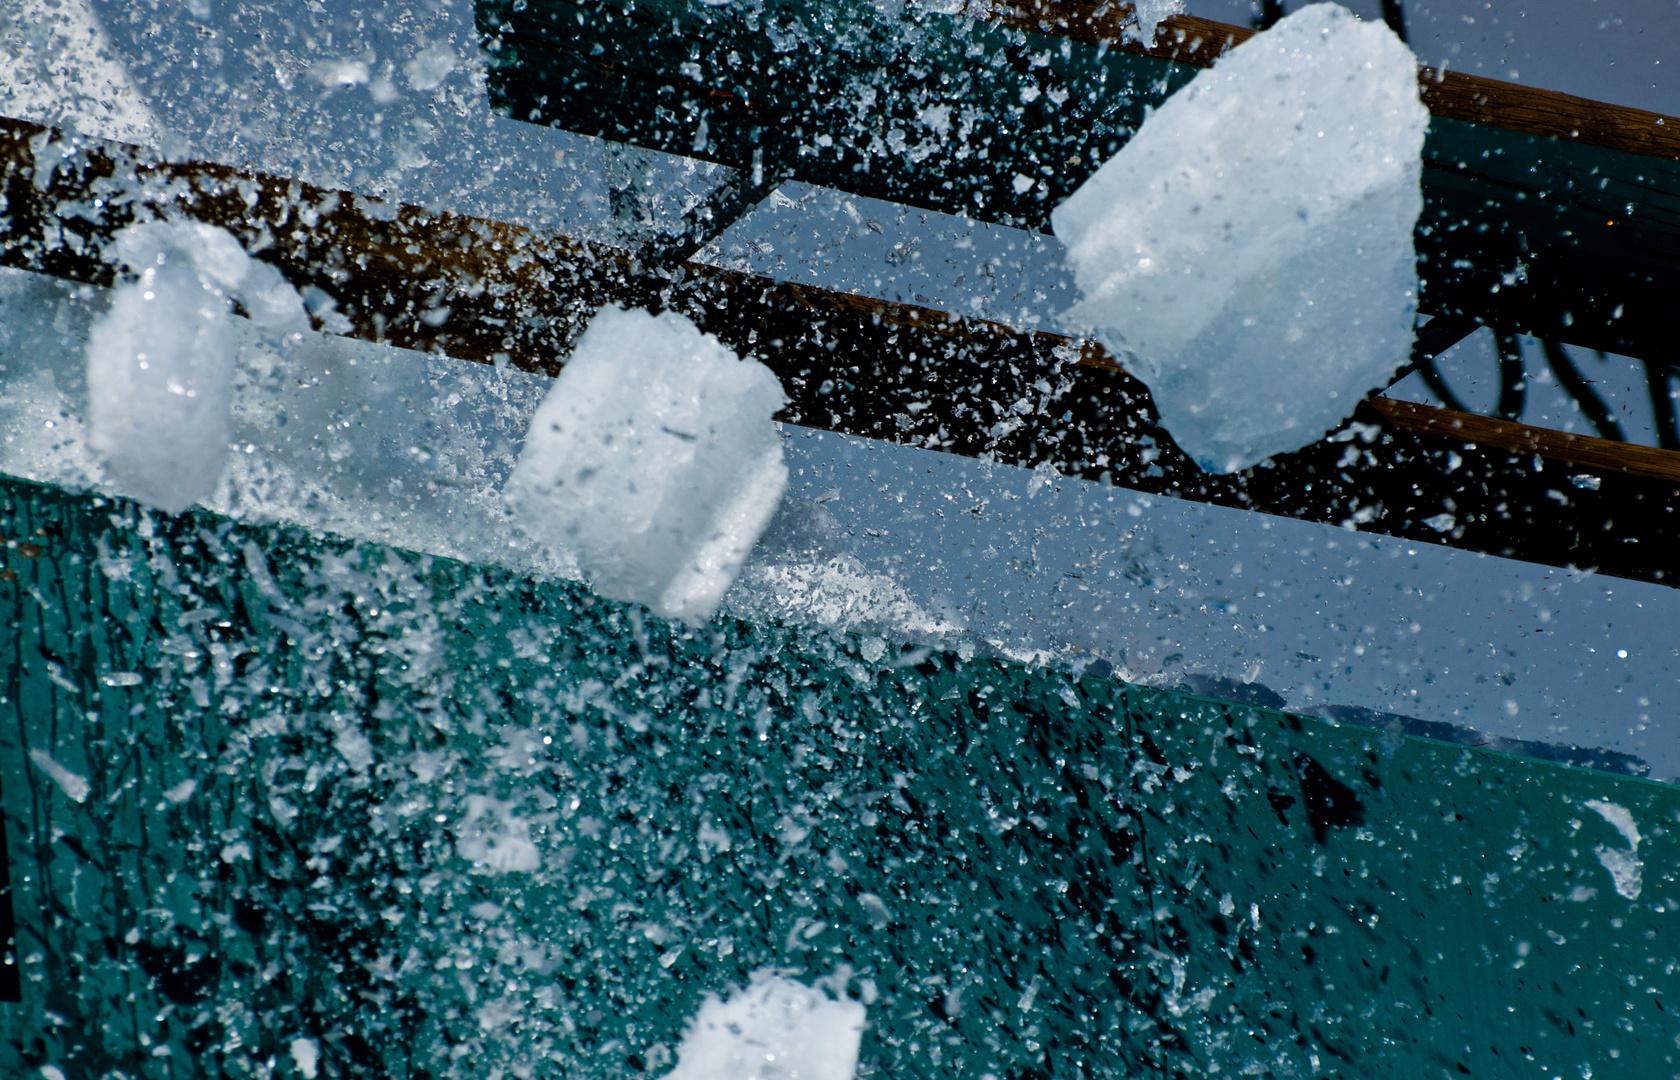 Ein Eiszapfen fällt.......